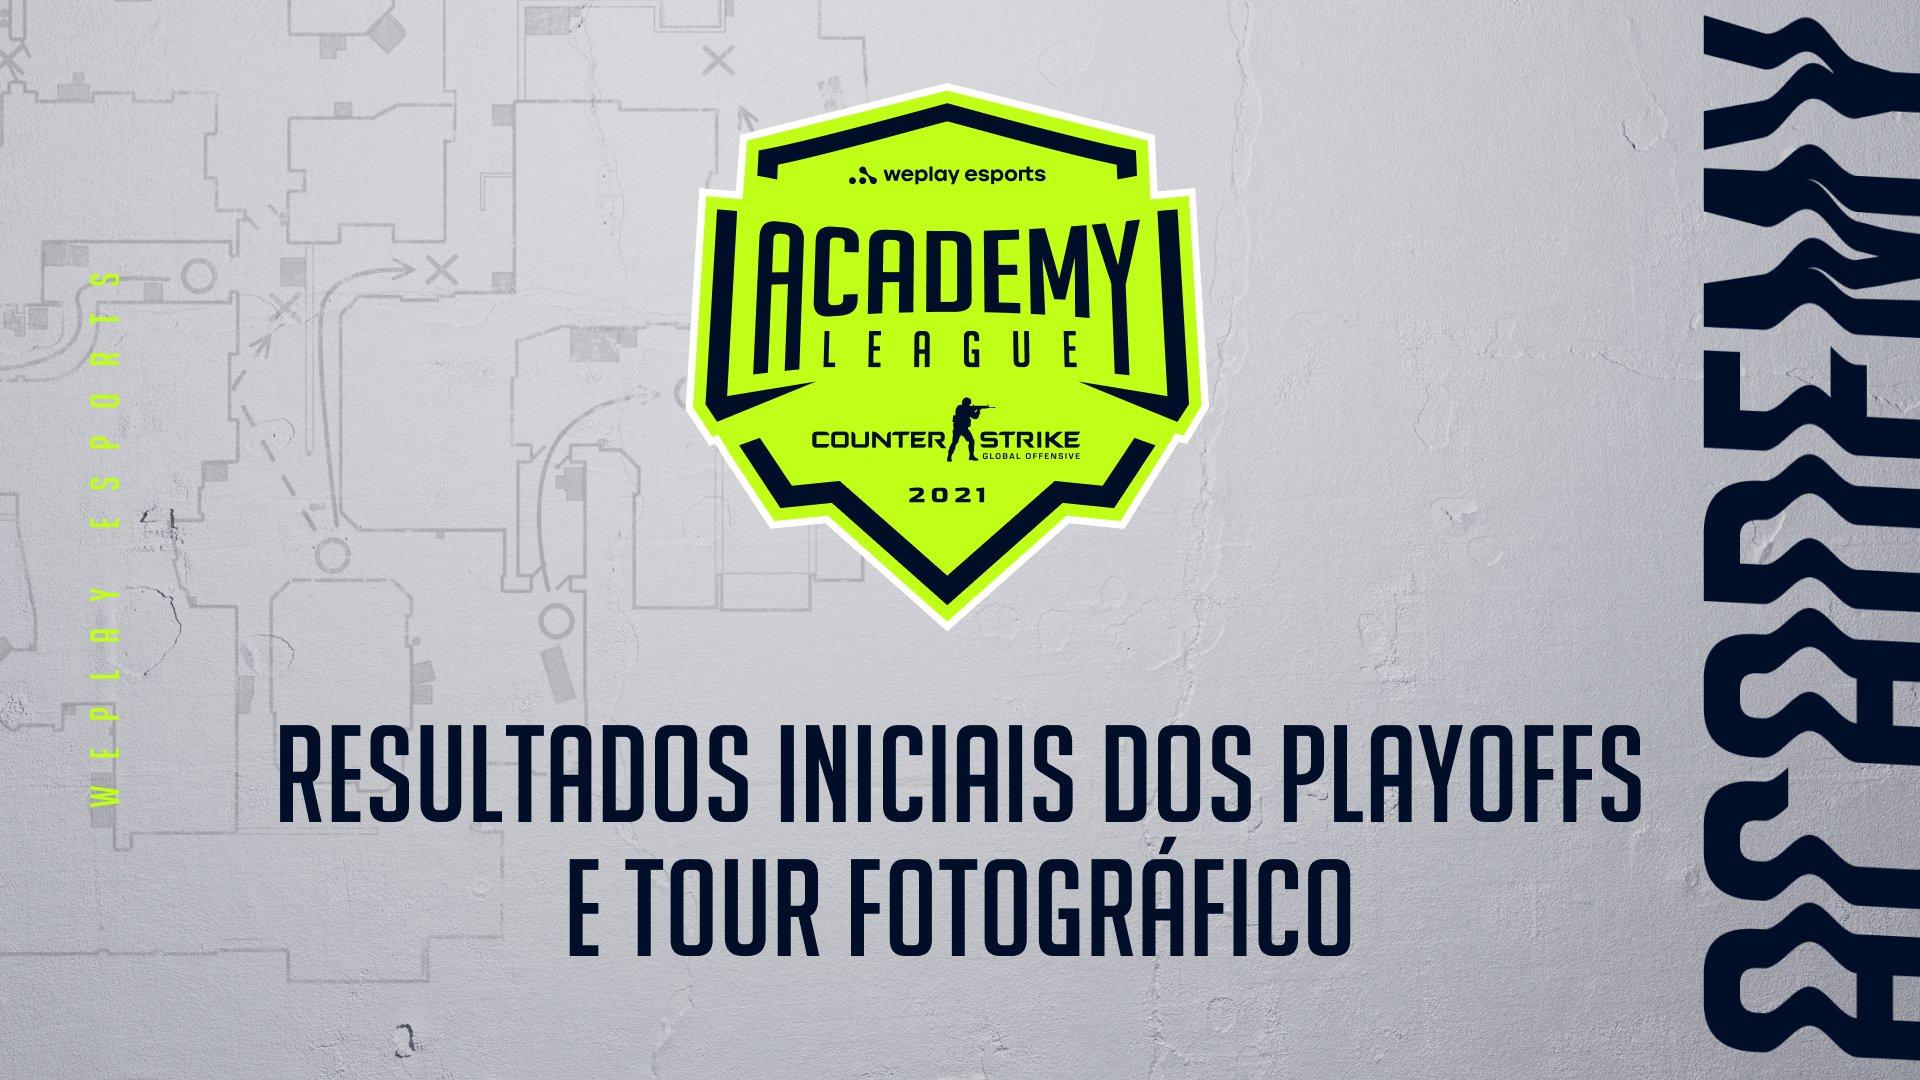 WePlay Academy League Season 1: resultados iniciais dos playoffs e tour fotográfico. Imagem: WePlay Holding